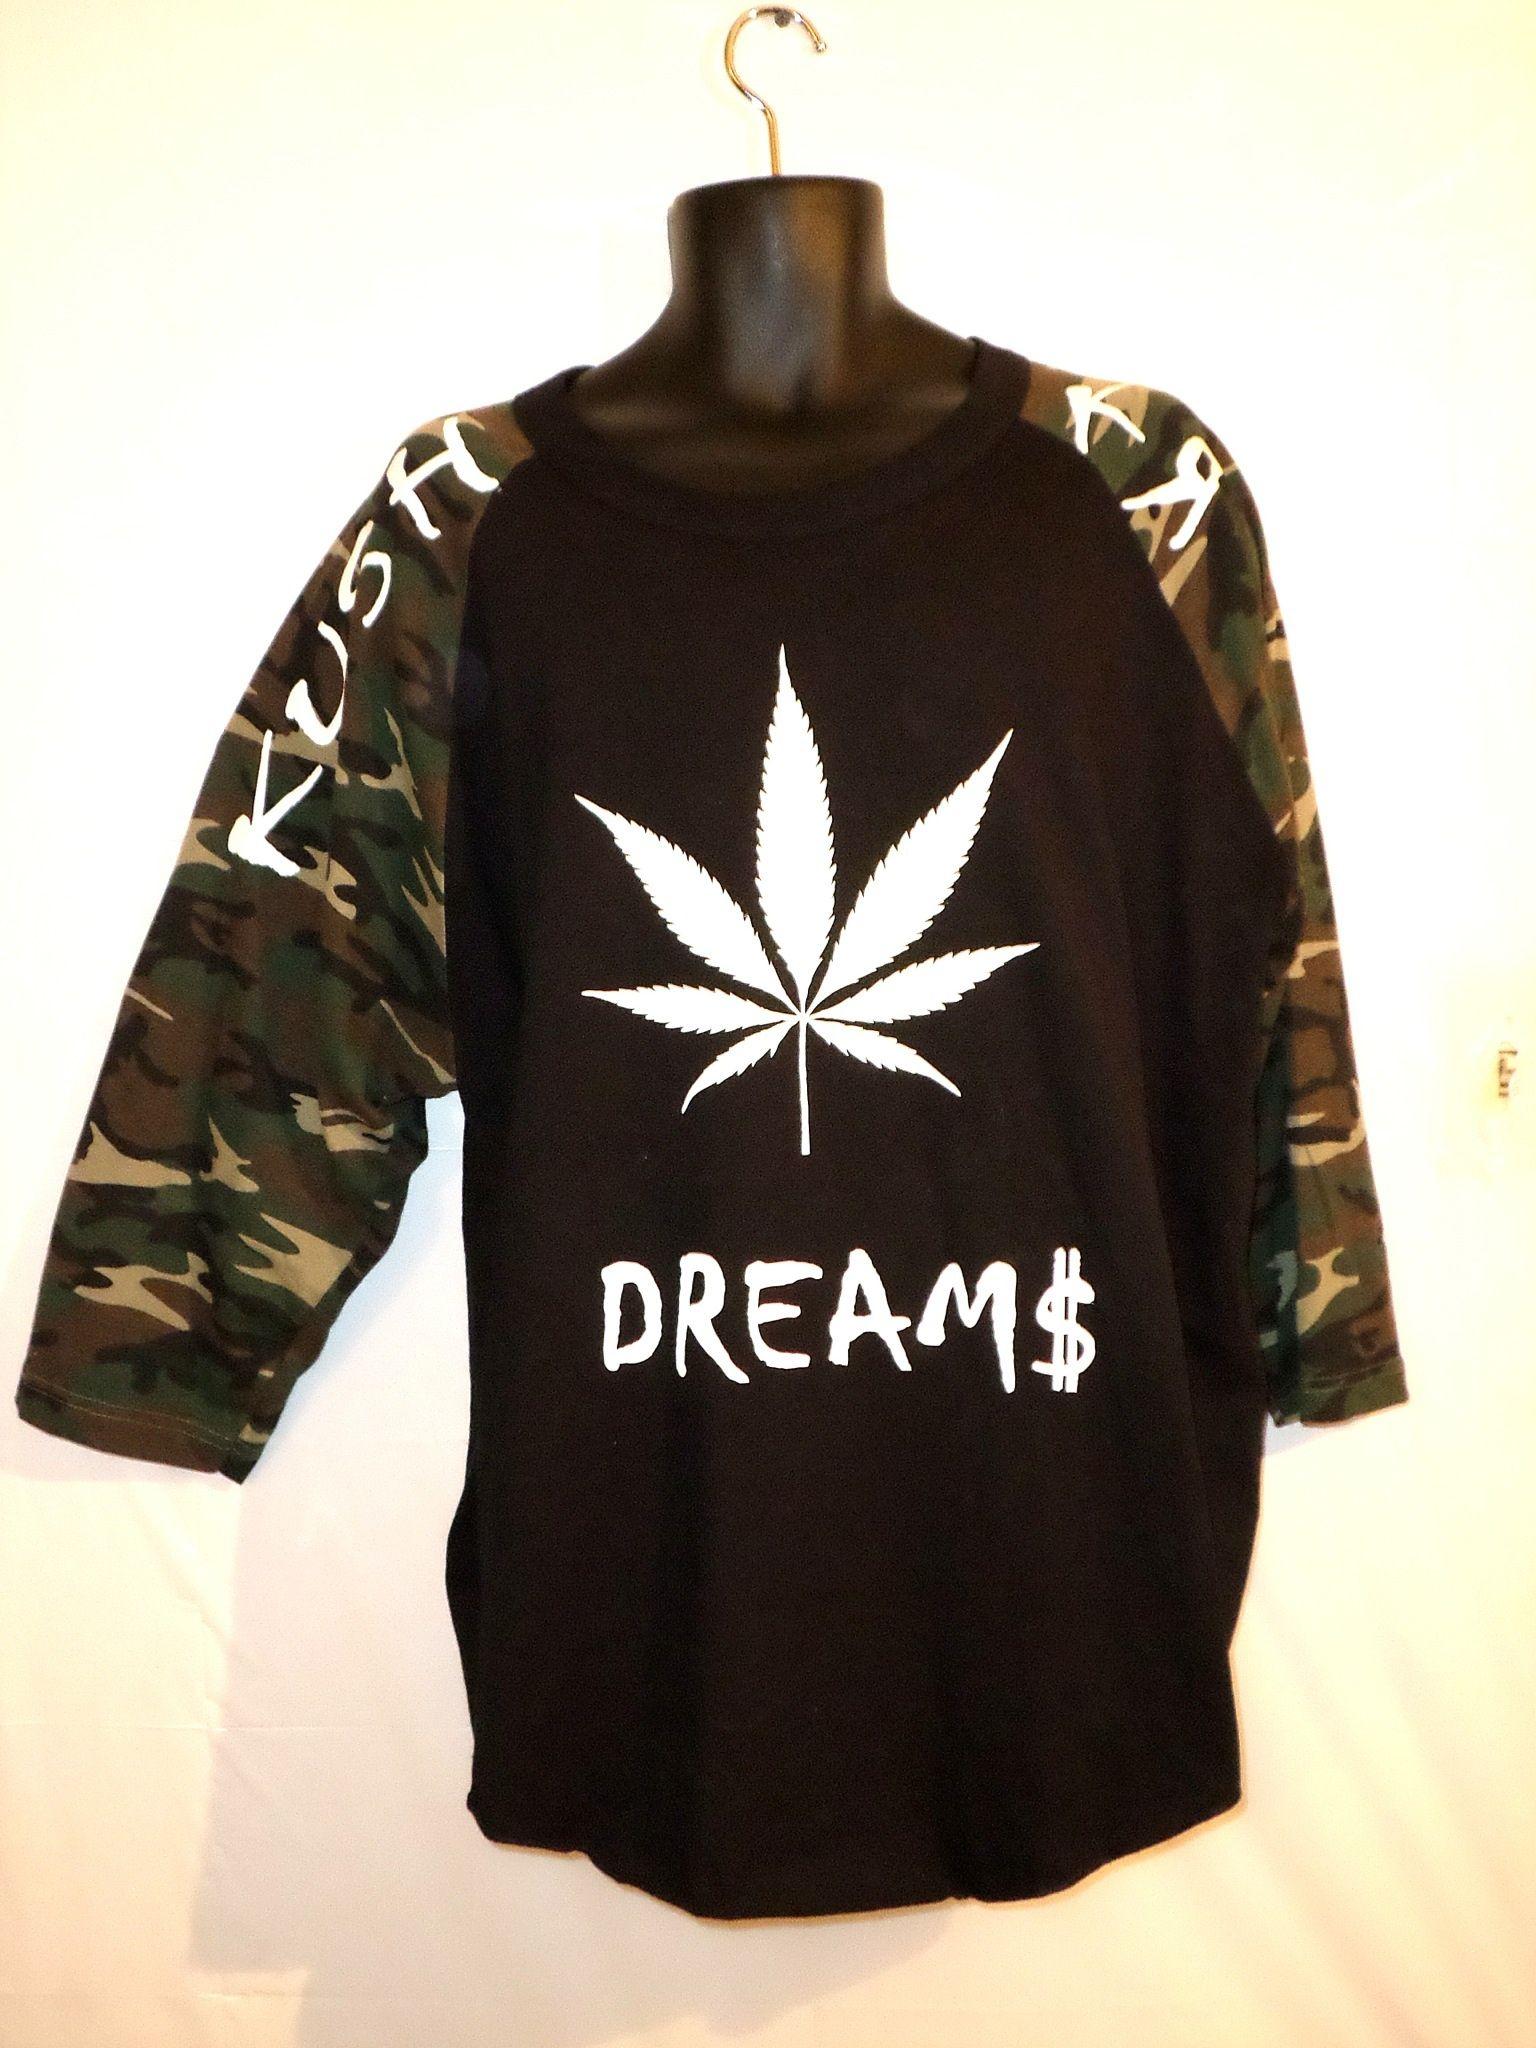 kleding store online